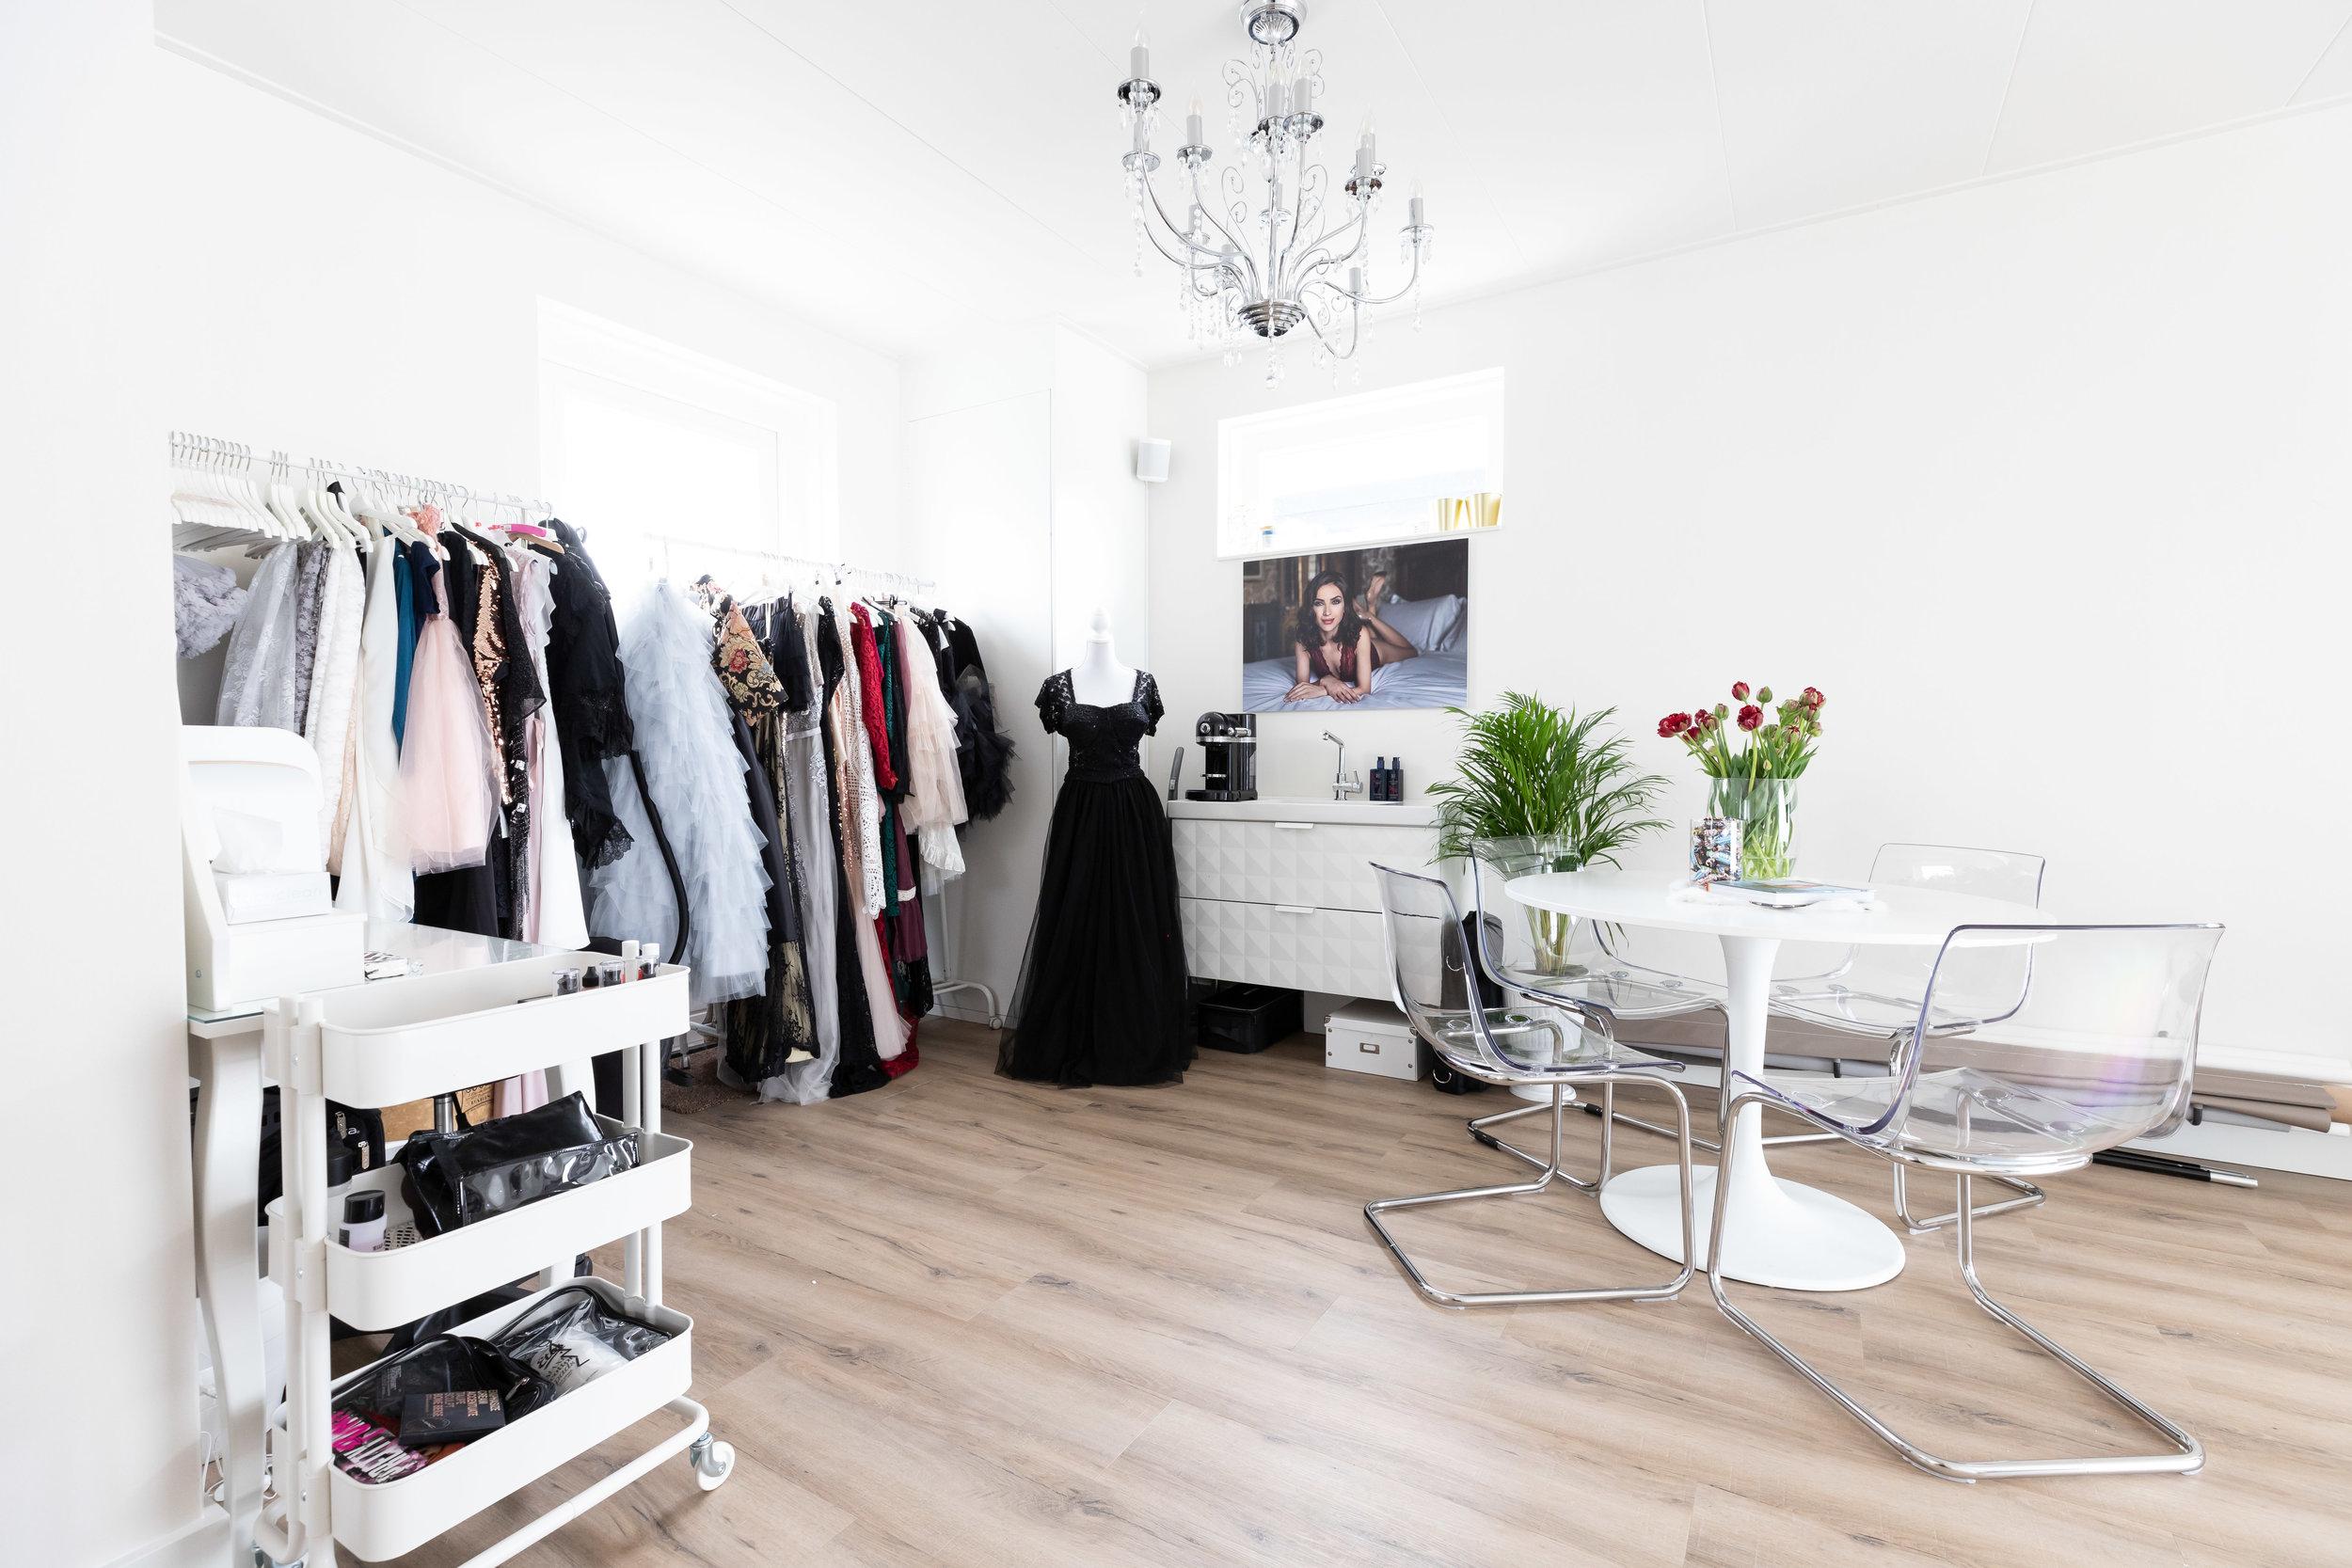 Daglichtstudio - PRACHTIGE DAGLICHT STUDIO IN ZWOLLEVlak aan de A28 heb ik een ruime daglicht studio met alle voorzieningen en een ruime collectie prachtige kleding, in maat 34 tot 48.